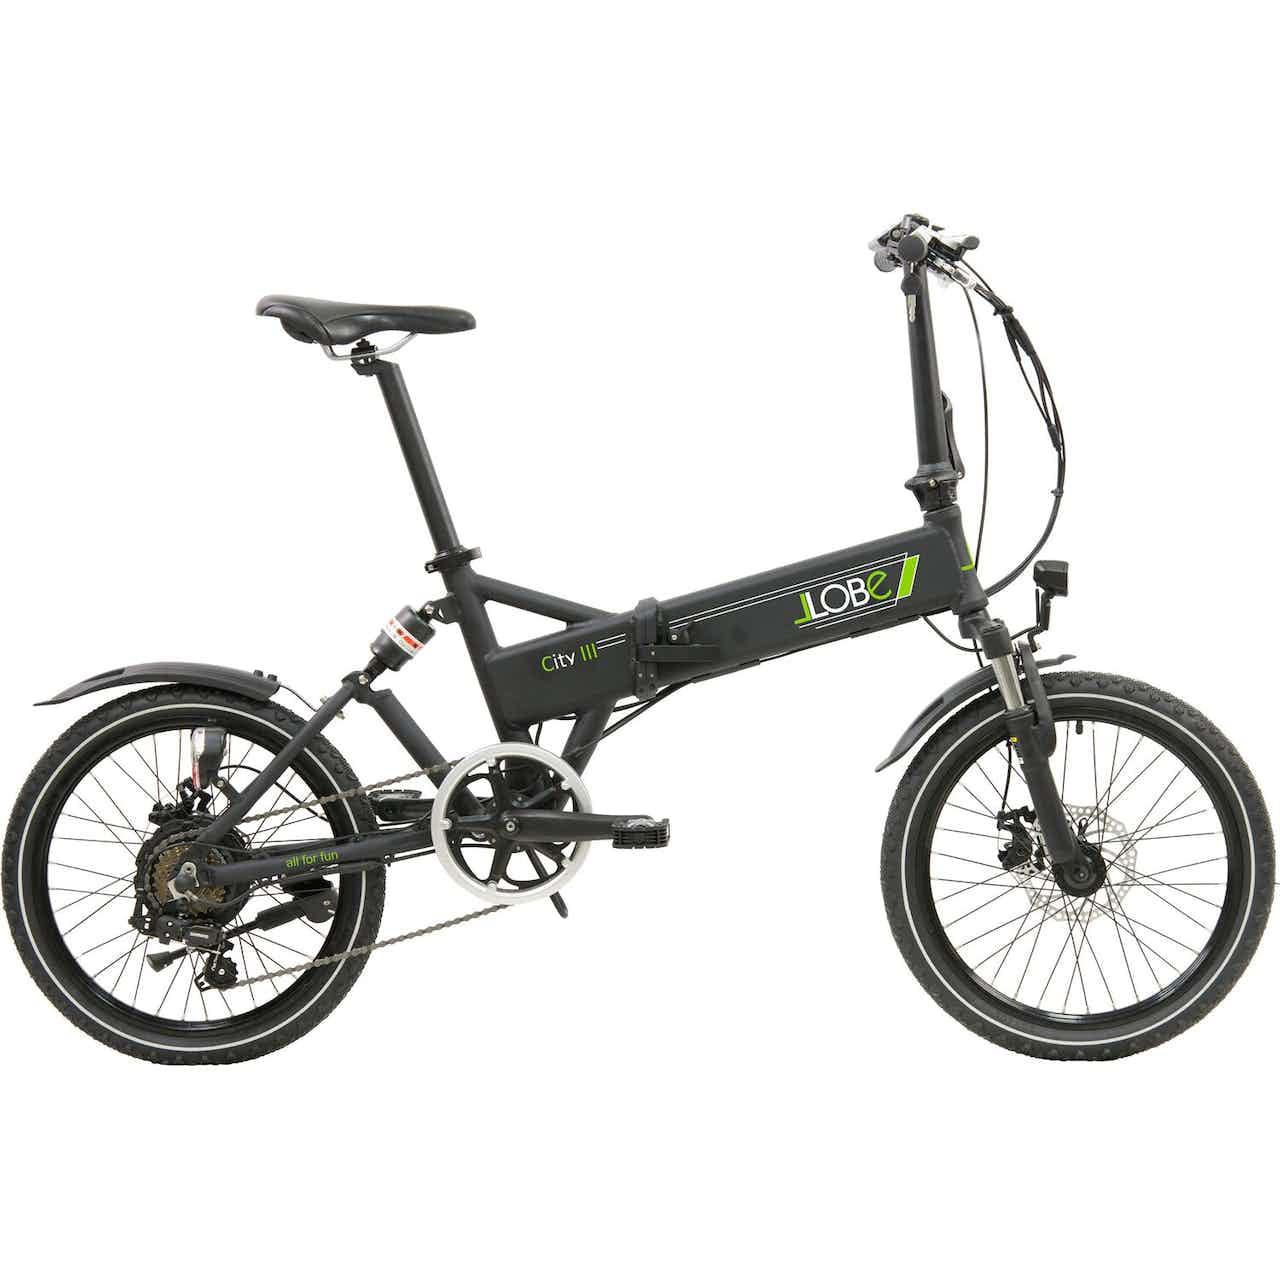 """LLobe E-Bike faltbar 20"""" Alu City III Schwarz"""